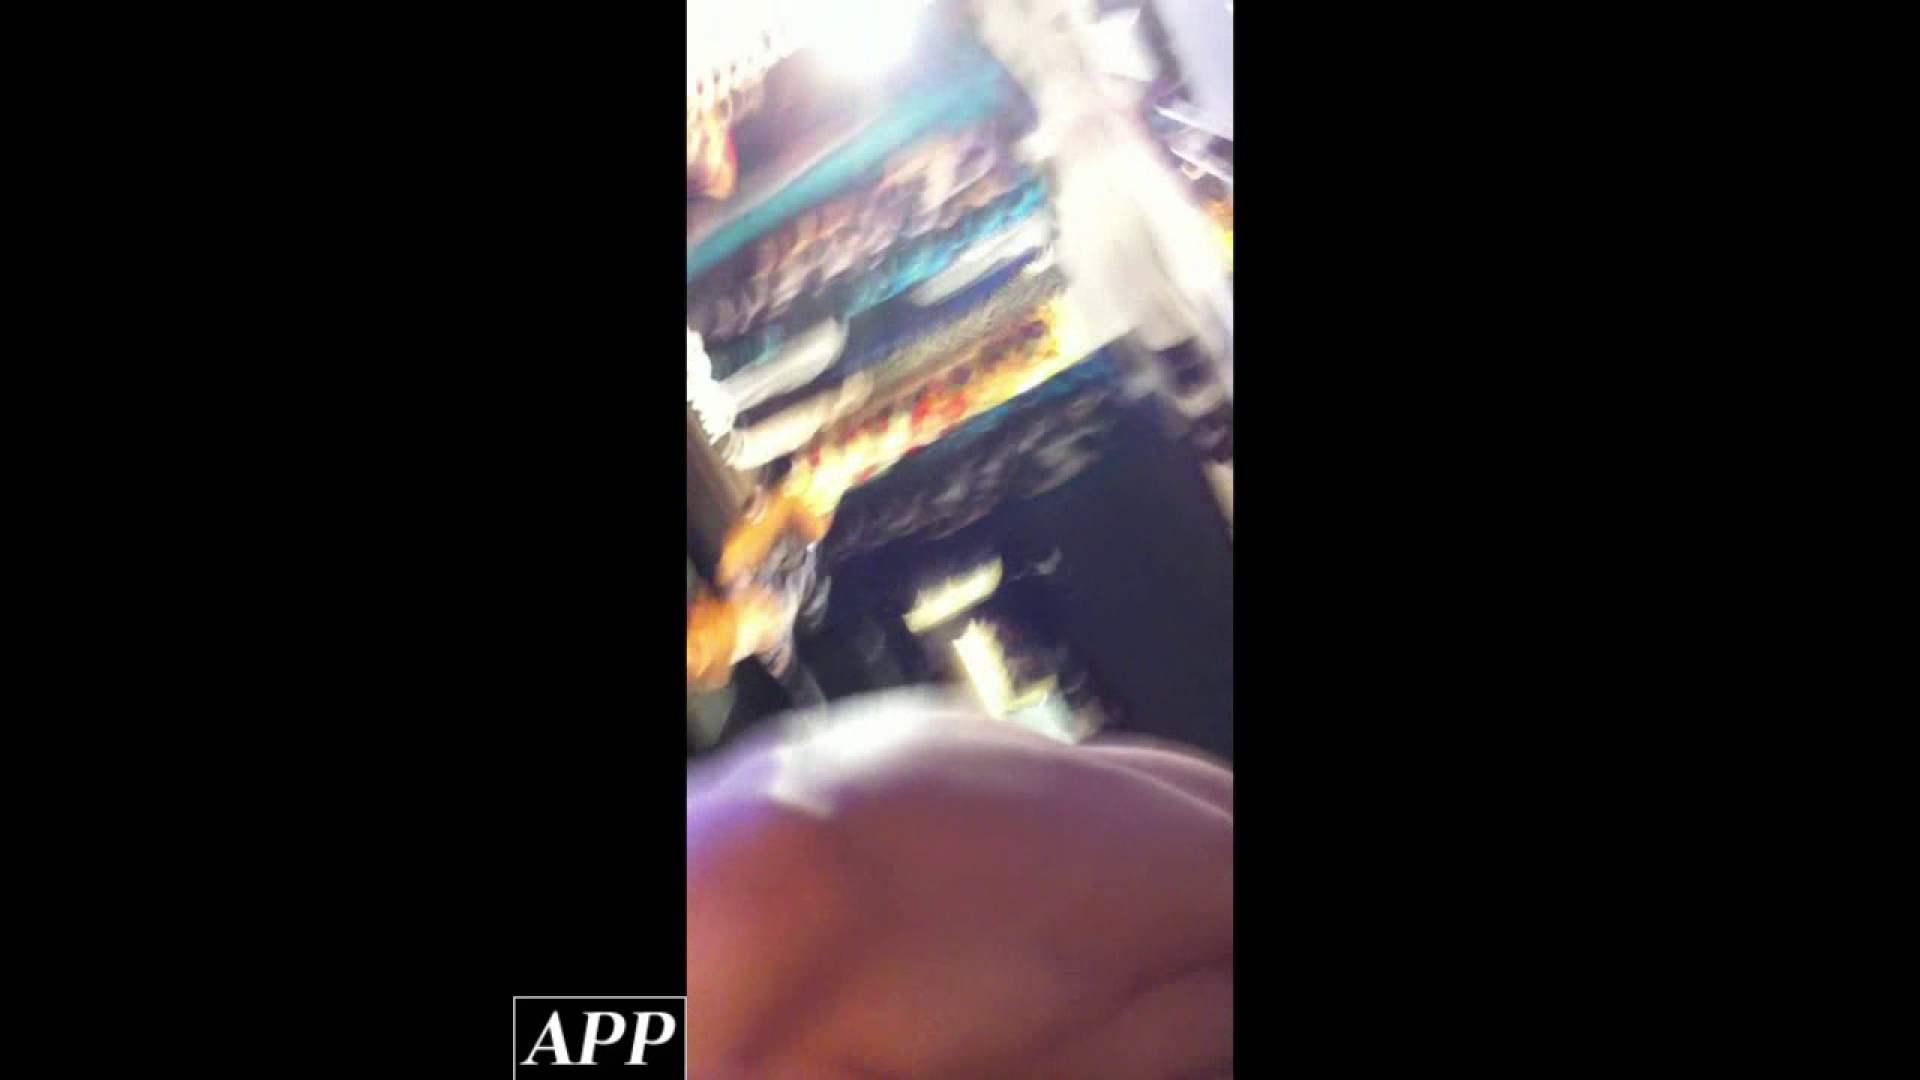 ハイビジョン盗撮!ショップ店員千人斬り!胸チラ編 vol.86 盗撮 性交動画流出 106連発 81